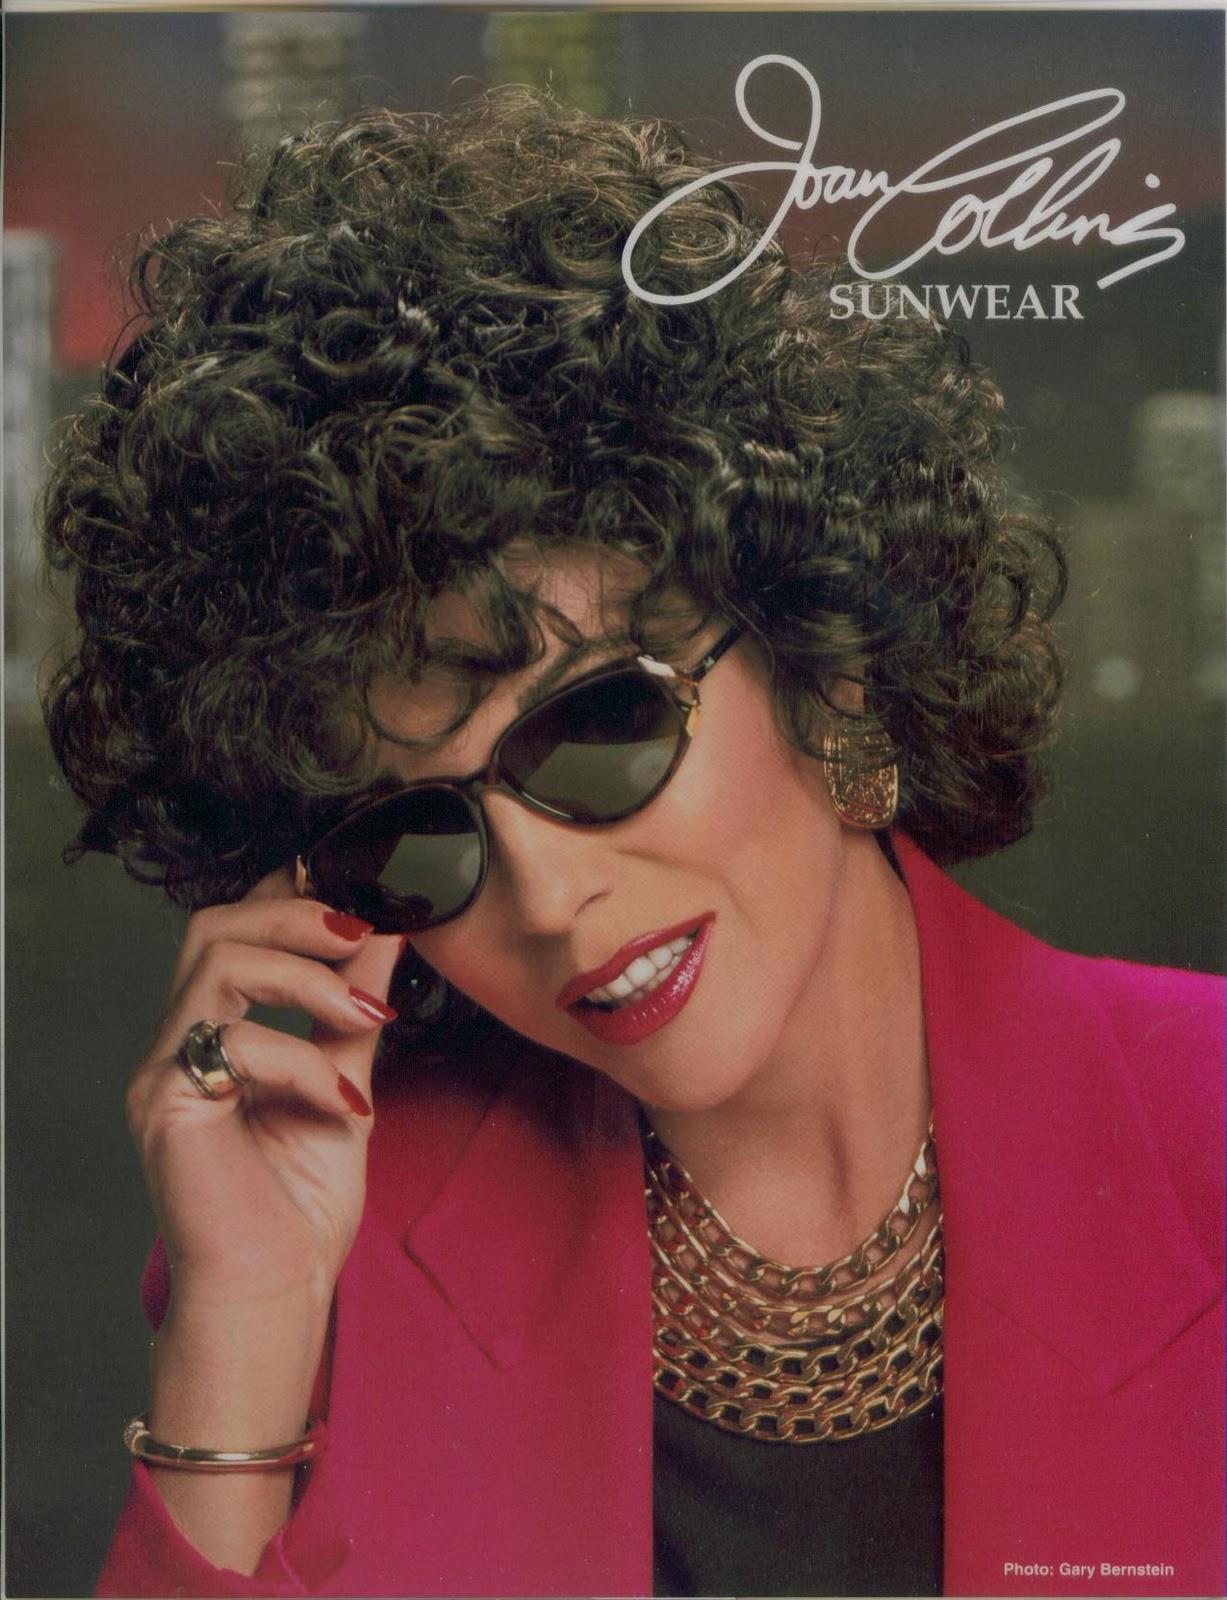 http://1.bp.blogspot.com/_V5SReiHuxbs/TUIAswx4VPI/AAAAAAAAEok/b1Ax1whsknA/s1600/1+a+eyewear+4+%25282%2529.jpg